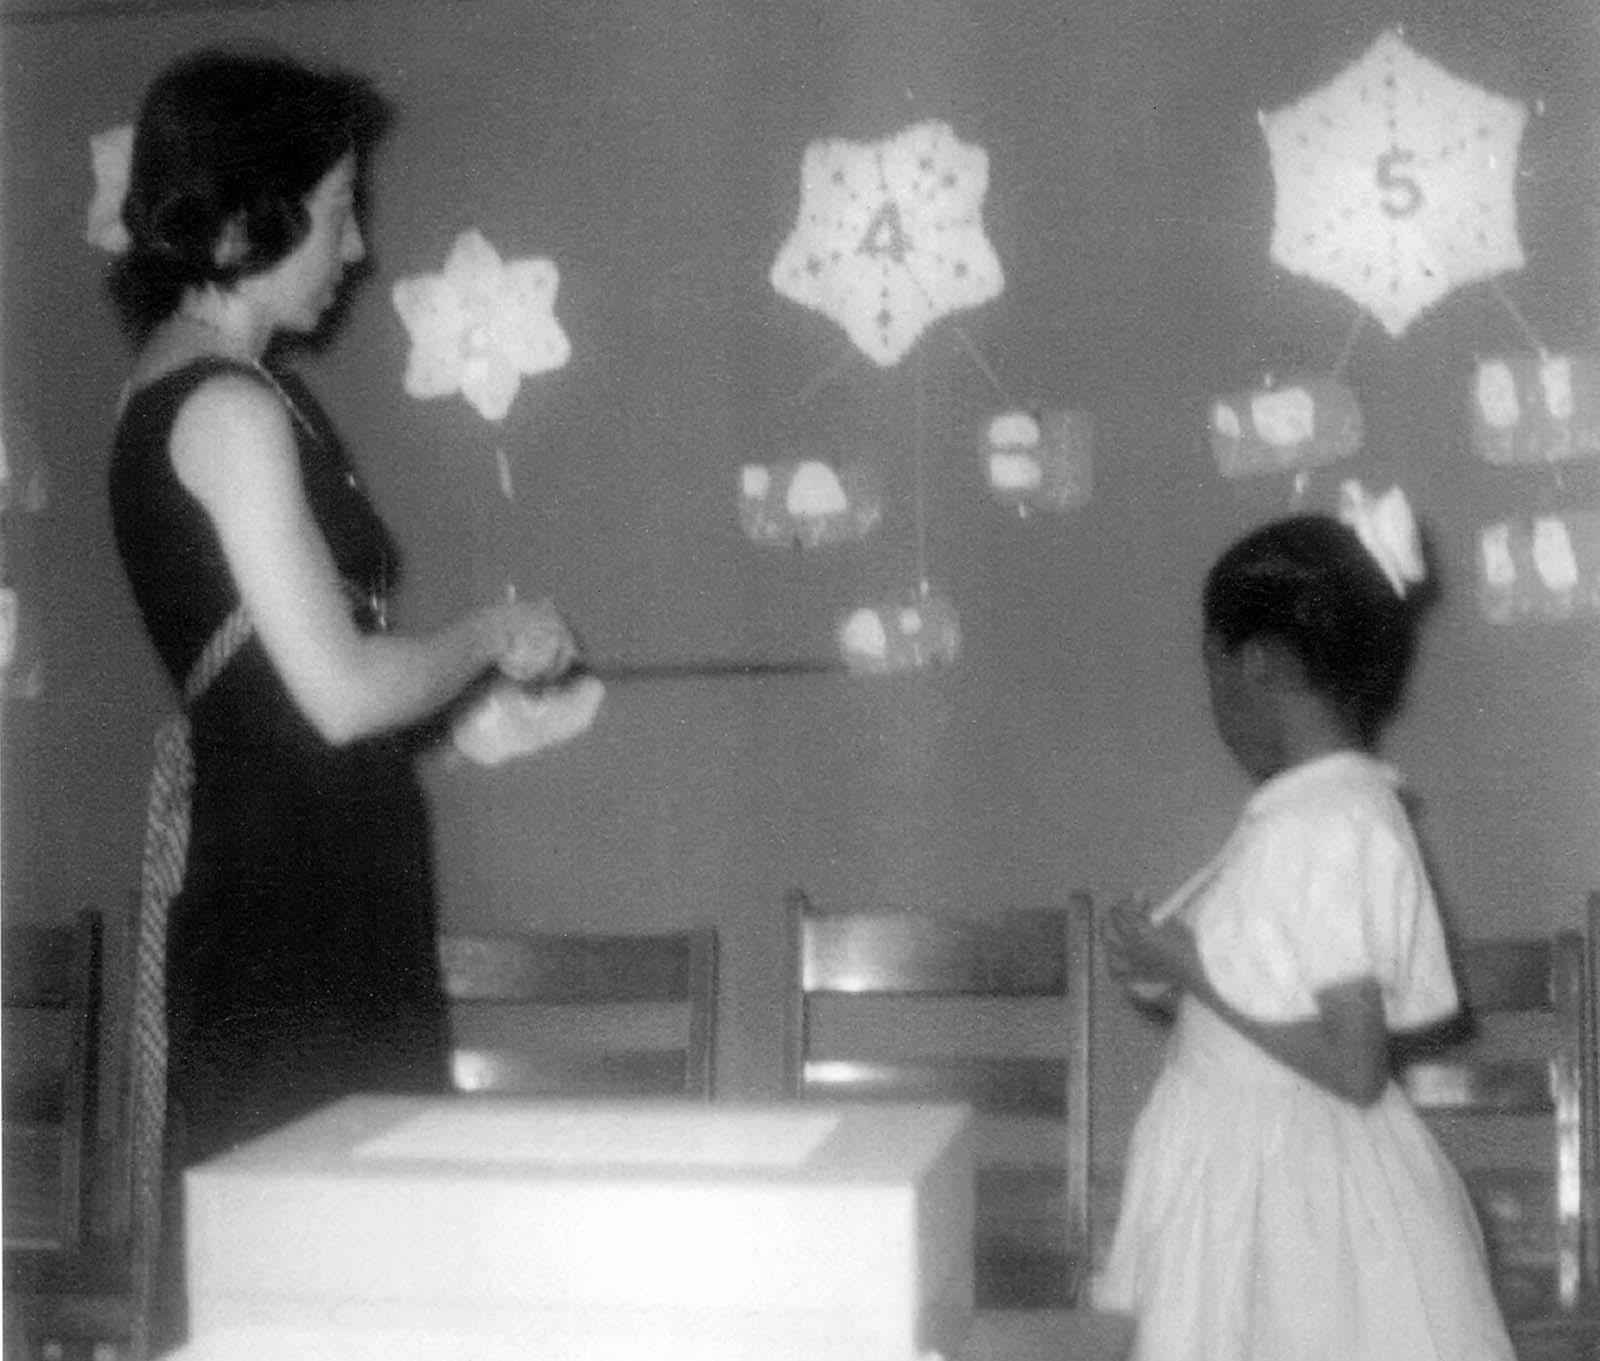 Ruby mit ihrer Lehrerin Barbara Henry - Quelle: rarehistoricalphotos.com